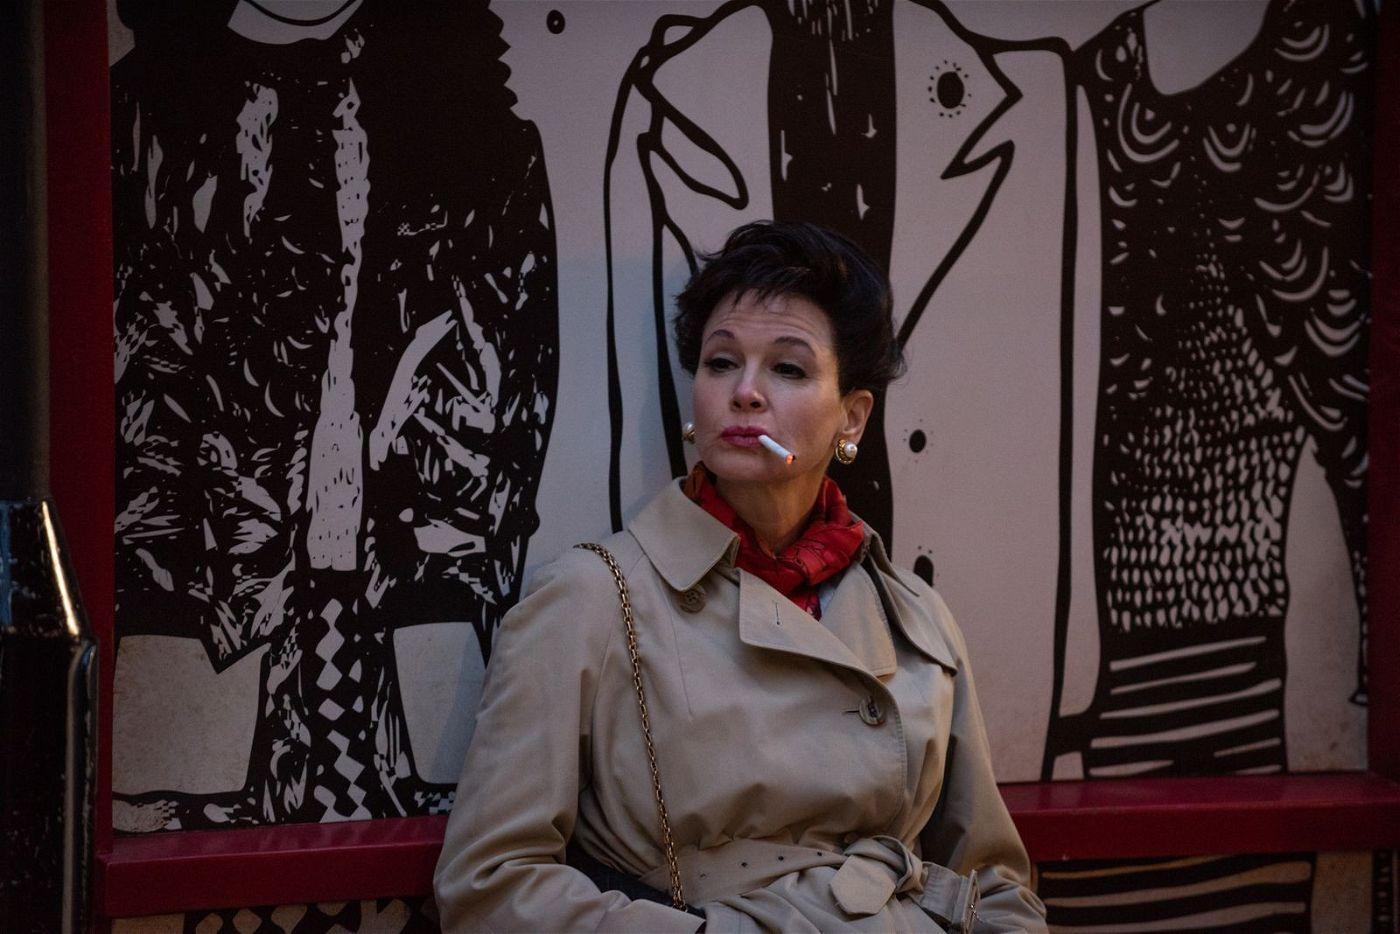 Hin- und hergerissen zwischen Muttergefühlen und den Notwendigkeiten des Lebens lässt sich Judy Garland (Renée Zellweger) auf ein Engagement in London ein.